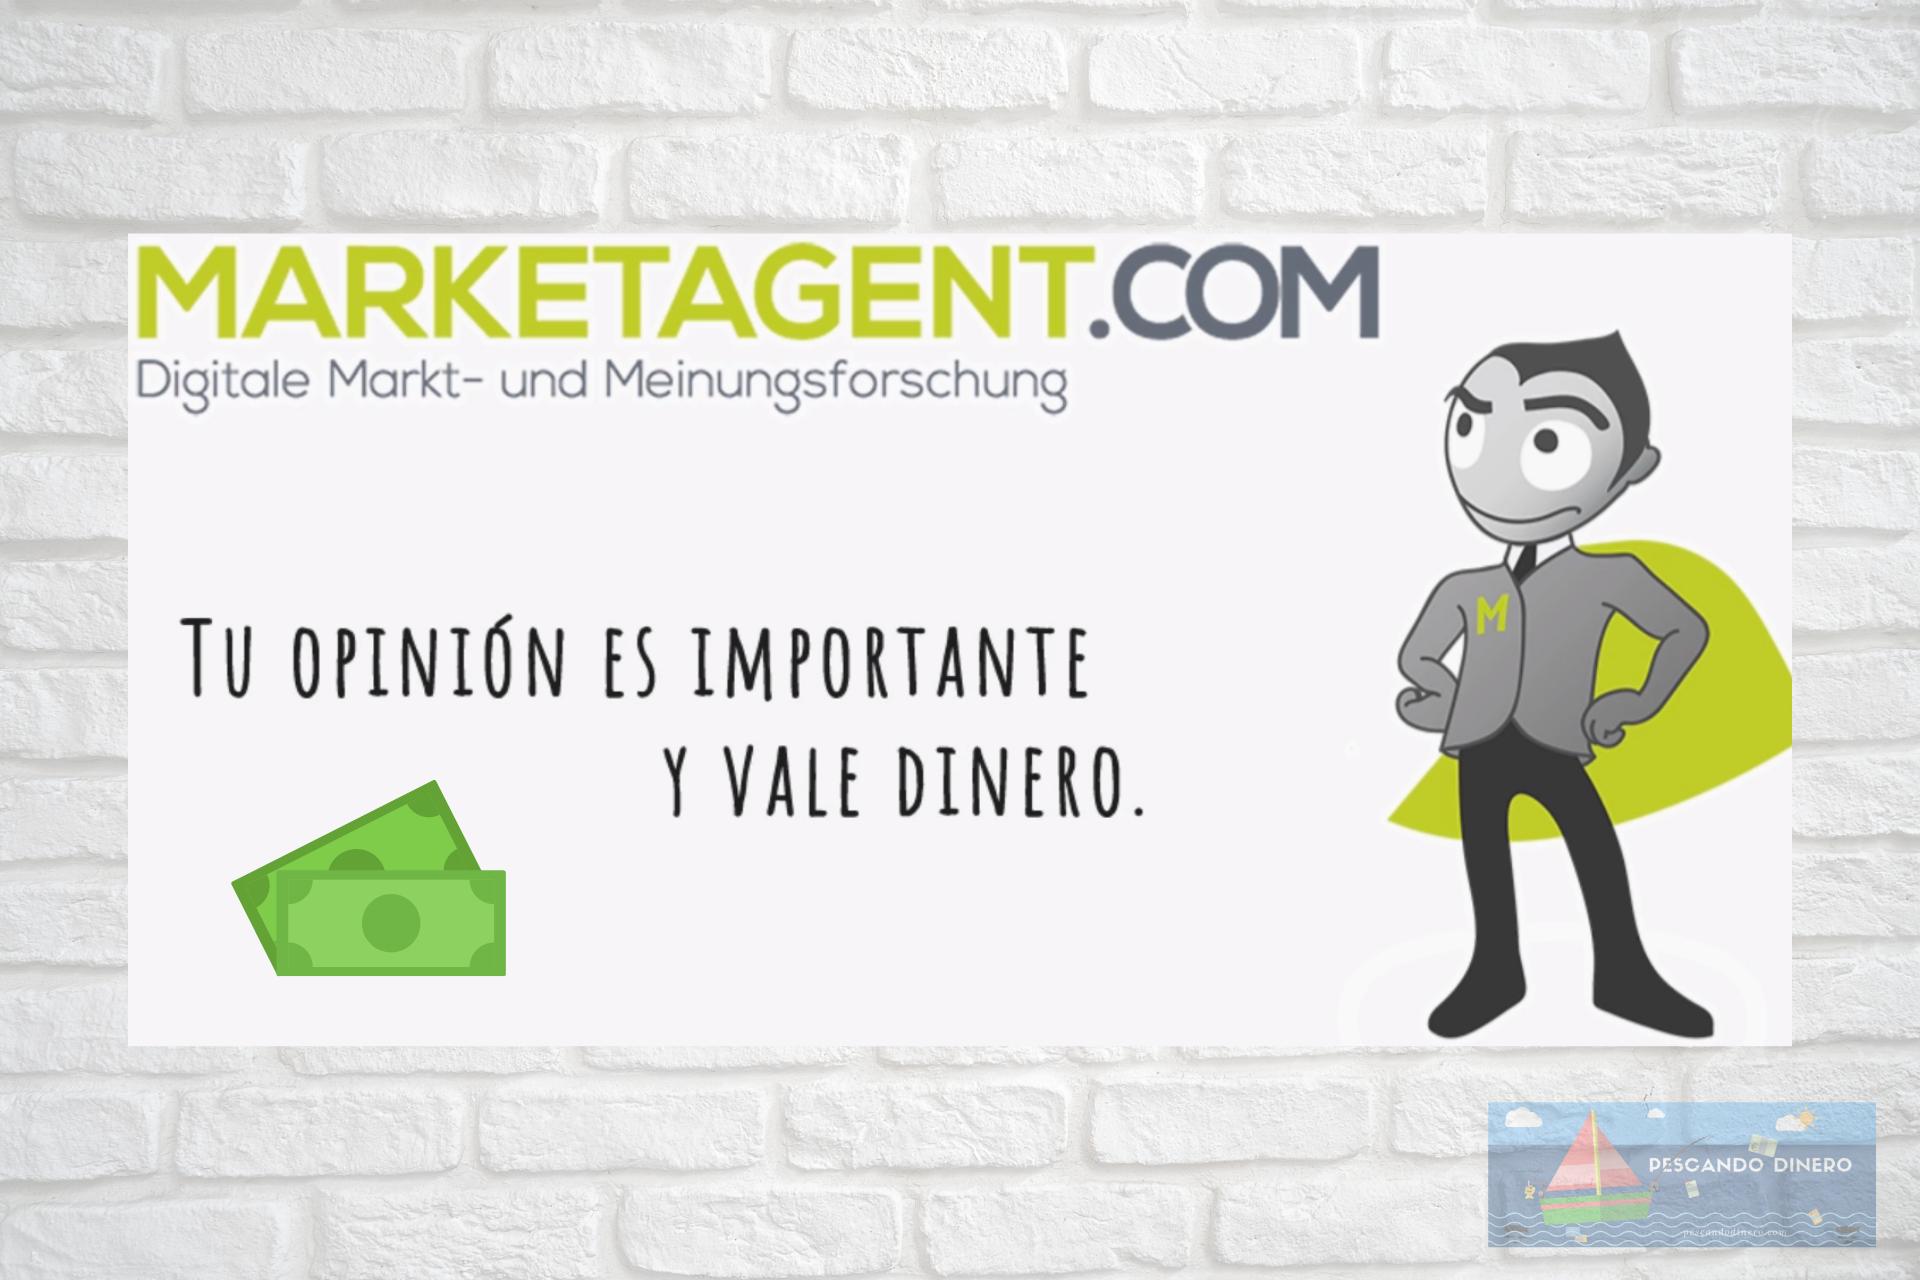 marketagent img